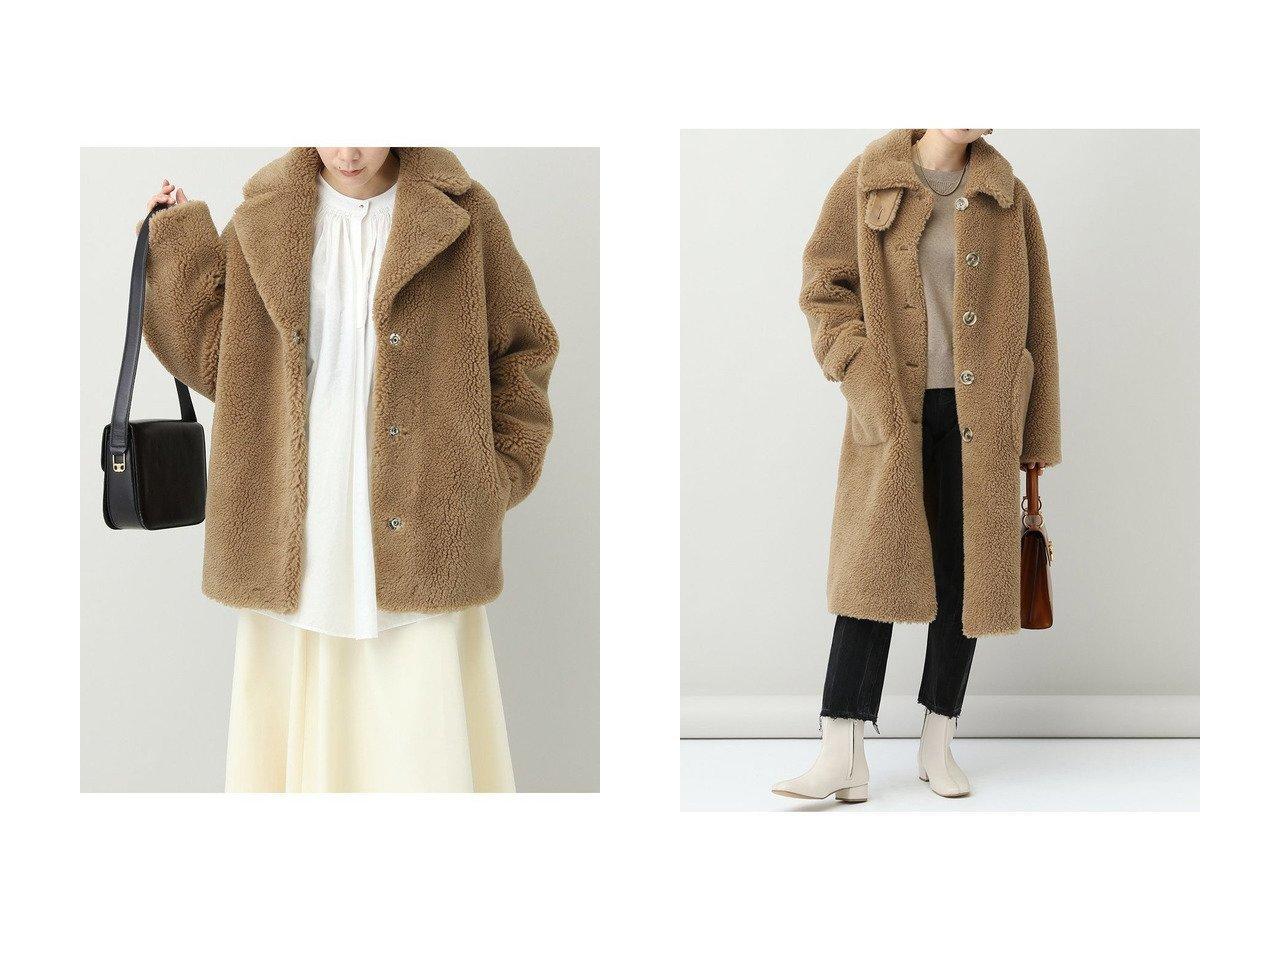 【Curensology/カレンソロジー】の【PELLESSIMO】ボアジャケット&【PELLESSIMO】ボアコート 【アウター】おすすめ!人気、トレンド・レディースファッションの通販 おすすめで人気の流行・トレンド、ファッションの通販商品 インテリア・家具・メンズファッション・キッズファッション・レディースファッション・服の通販 founy(ファニー) https://founy.com/ ファッション Fashion レディースファッション WOMEN アウター Coat Outerwear ジャケット Jackets コート Coats 2020年 2020 2020-2021秋冬・A/W AW・Autumn/Winter・FW・Fall-Winter/2020-2021 2021年 2021 2021-2022秋冬・A/W AW・Autumn/Winter・FW・Fall-Winter・2021-2022 A/W・秋冬 AW・Autumn/Winter・FW・Fall-Winter ジャケット ロング |ID:crp329100000062657